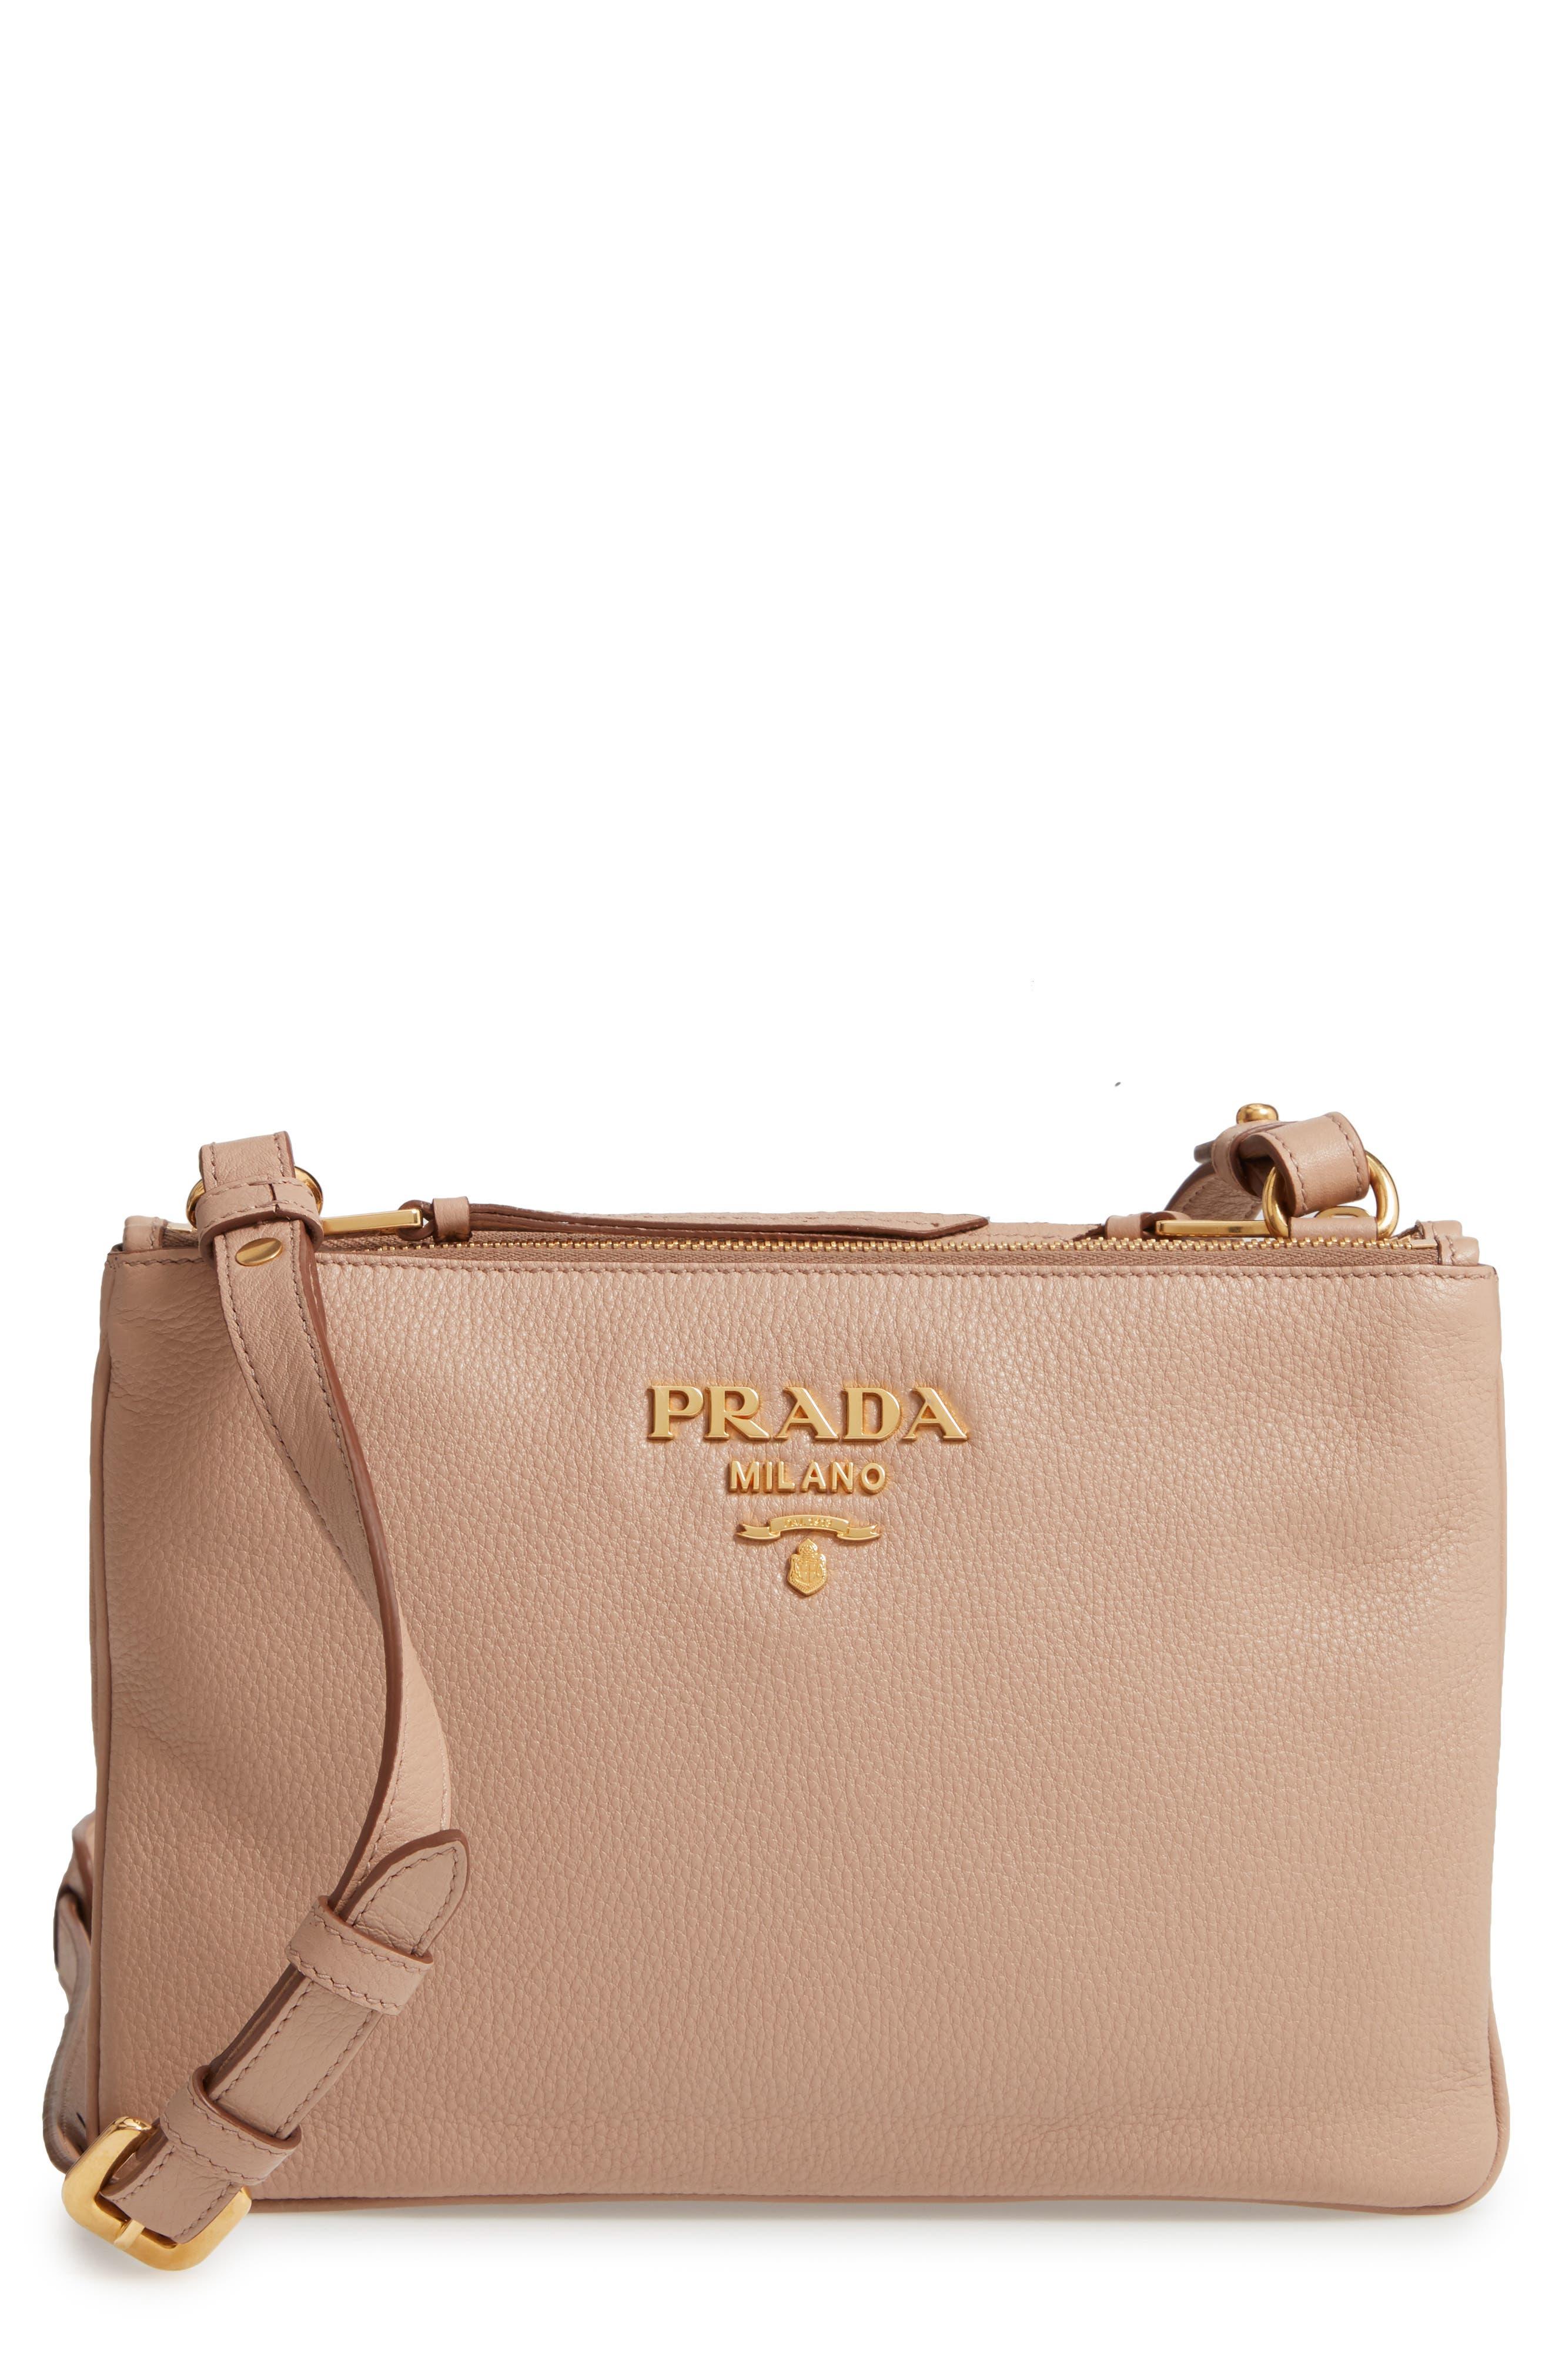 d3f637de7b92cb australia prada vitello daino double compartment leather crossbody bag  843f9 59360